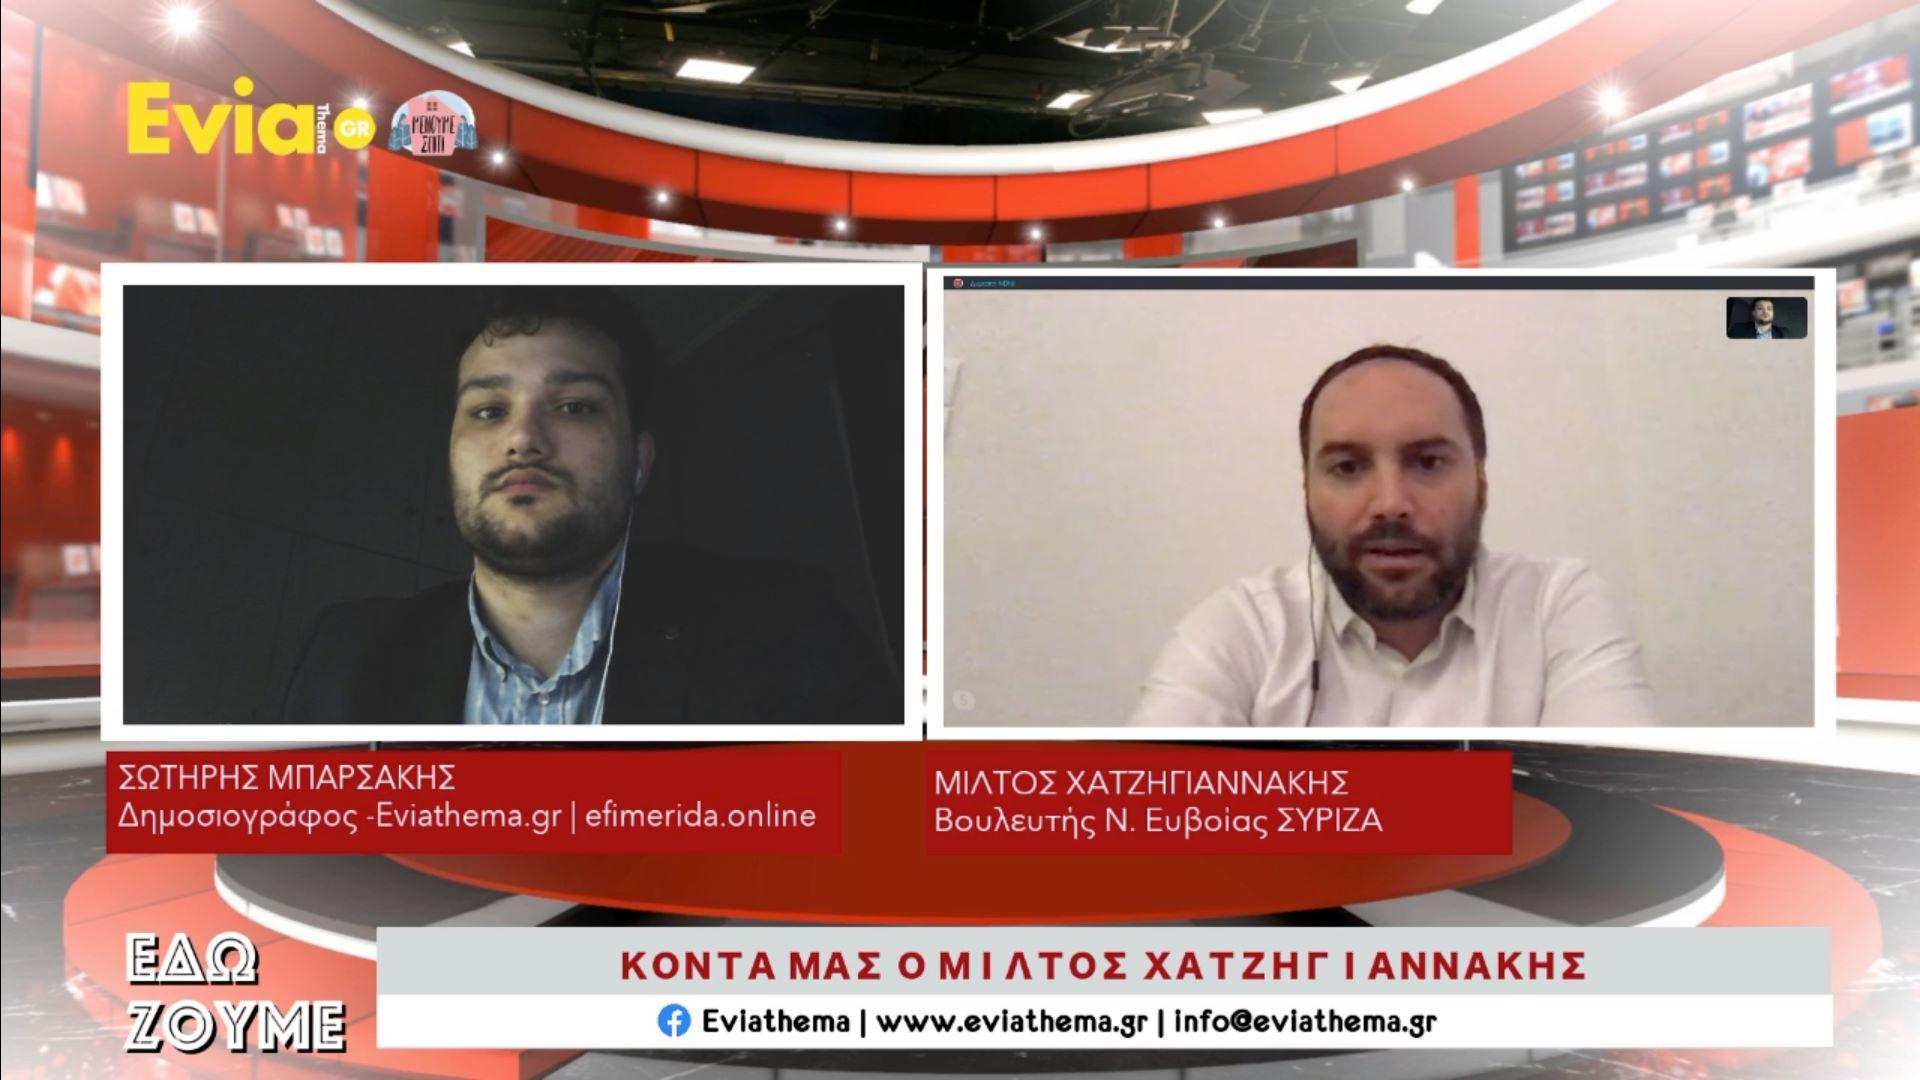 Μίλτος Χατζηγιαννάκης, Ο Μίλτος Χατζηγιαννάκης στην εκπομπή Εδώ Ζούμε για το Εθνικό σύστημα Υγείας, Eviathema.gr | ΕΥΒΟΙΑ ΝΕΑ - Νέα και ειδήσεις από όλη την Εύβοια